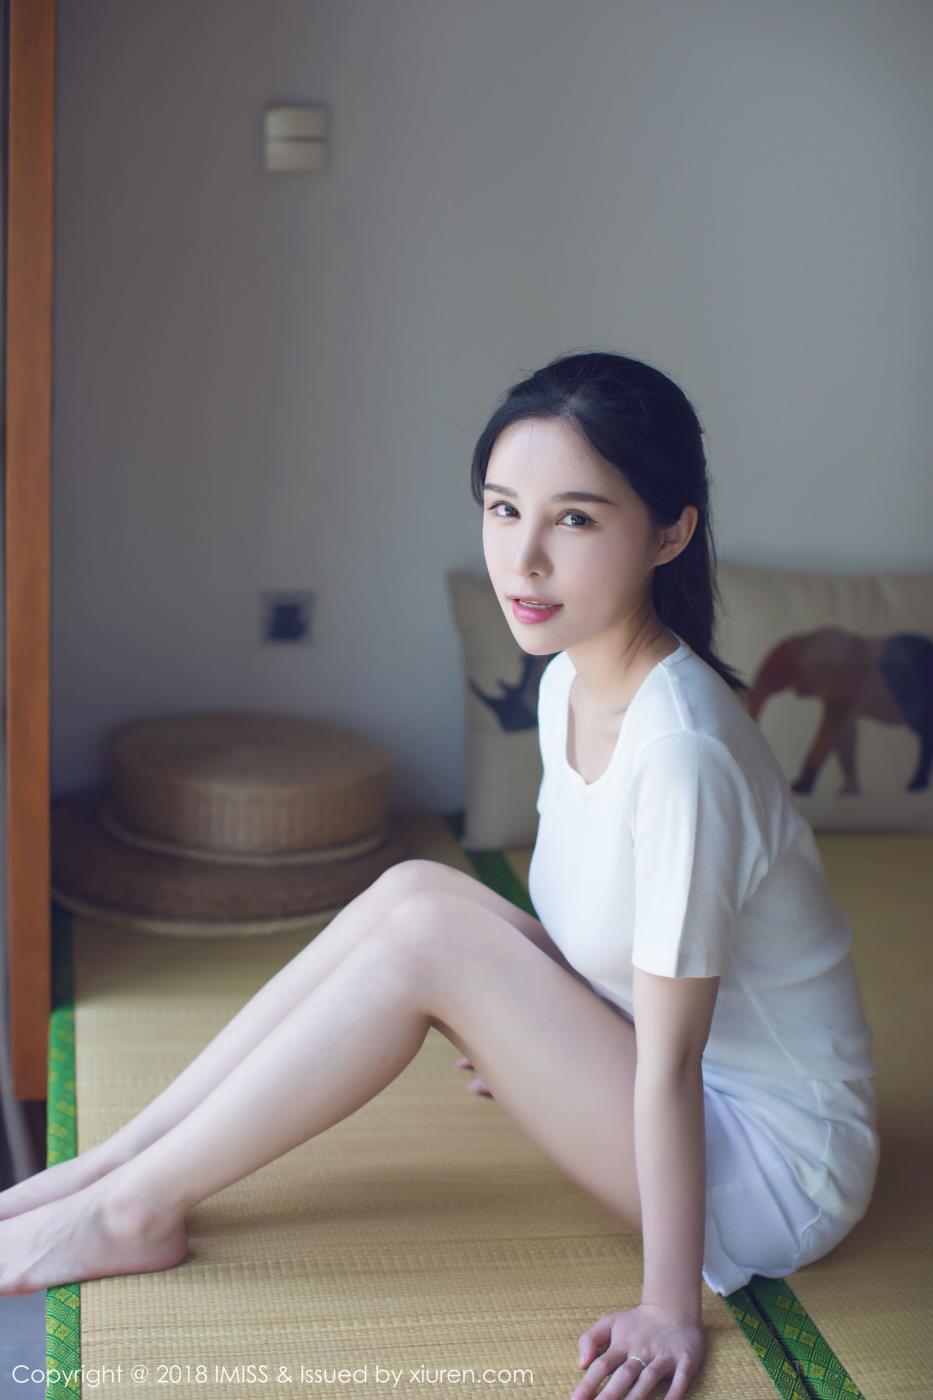 爱蜜社模特艾米Amy清纯美女白色吊带睡衣写真套图